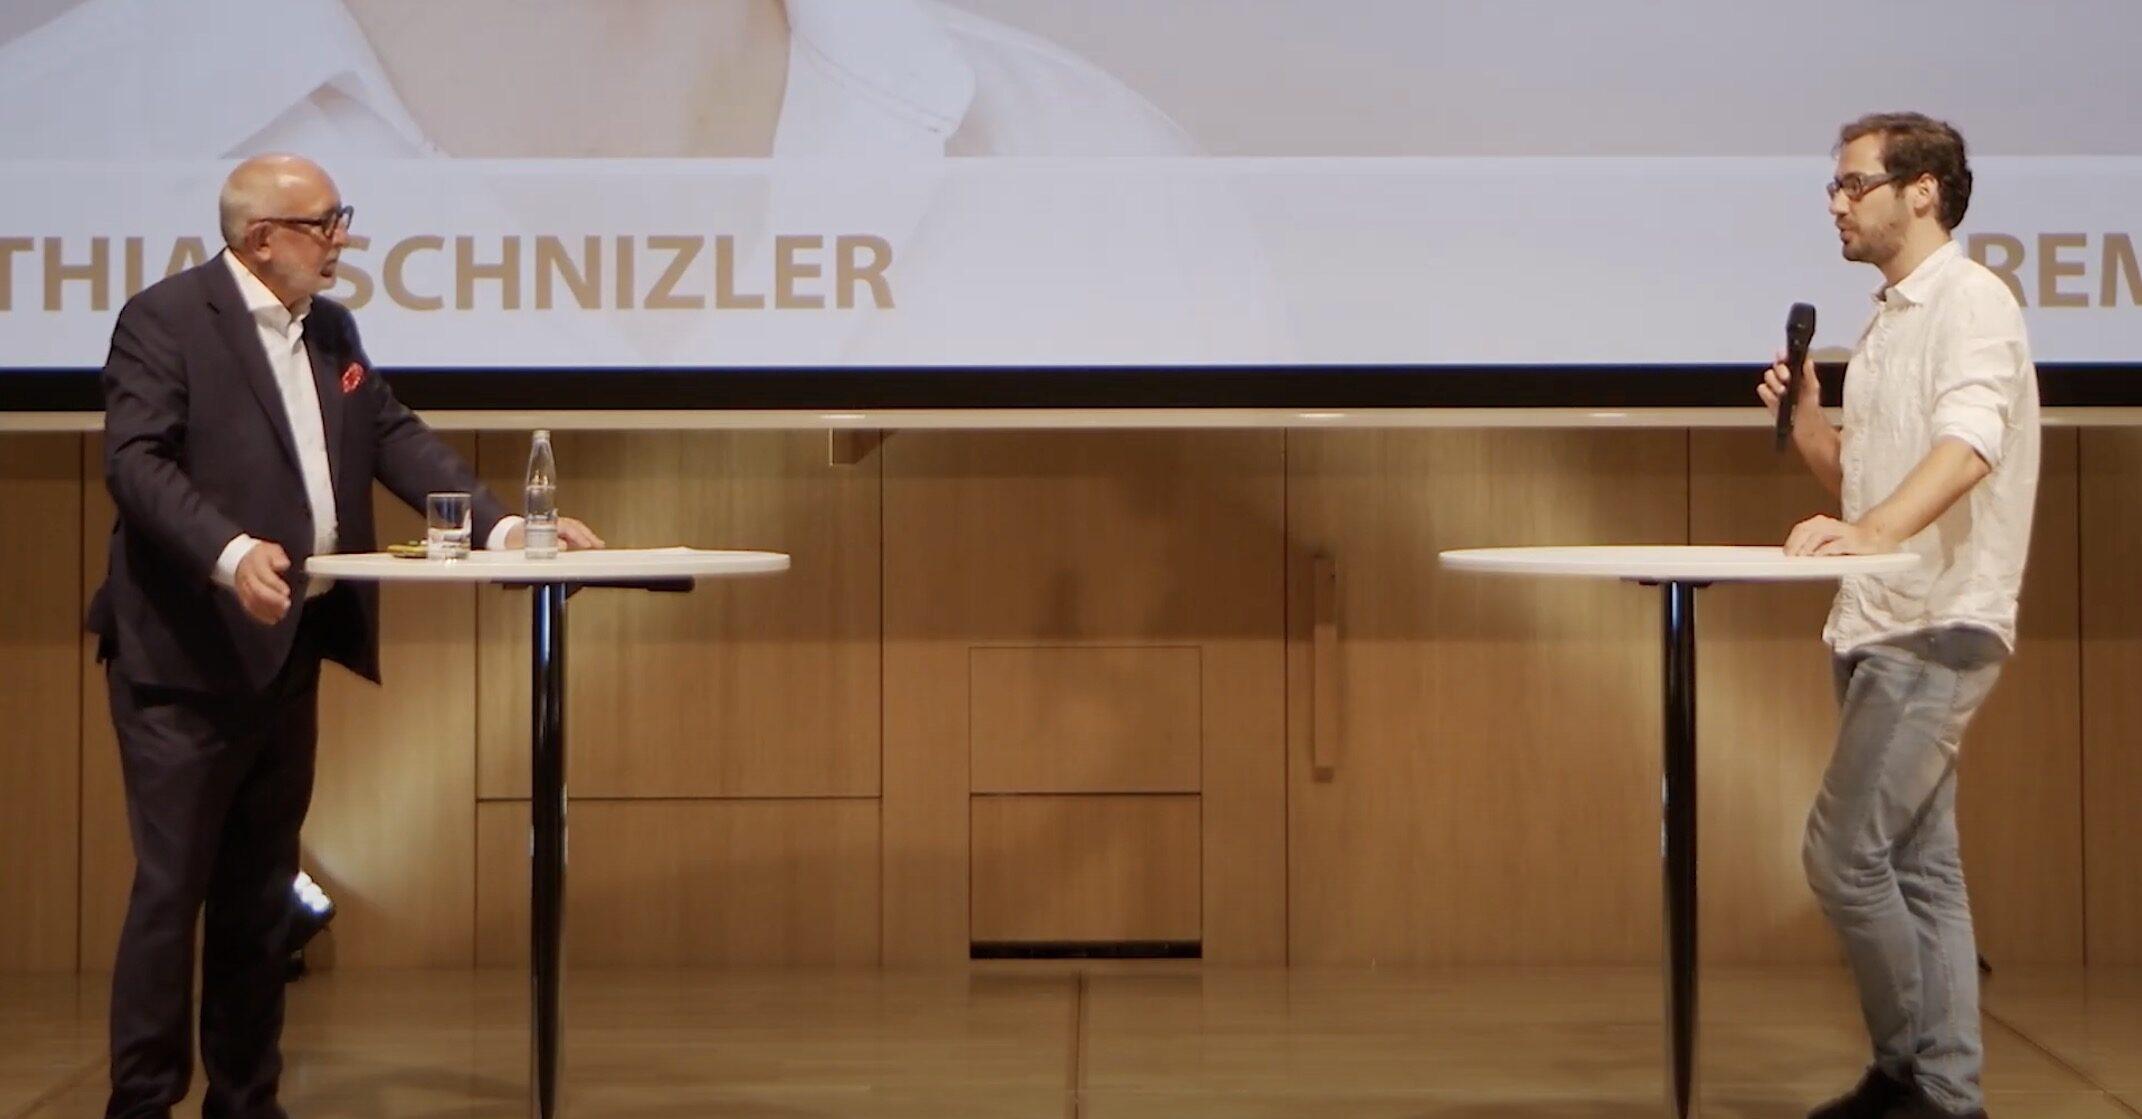 start.me.up 2020 | Gründer | Interview mit Matthias Schnizler | Premano